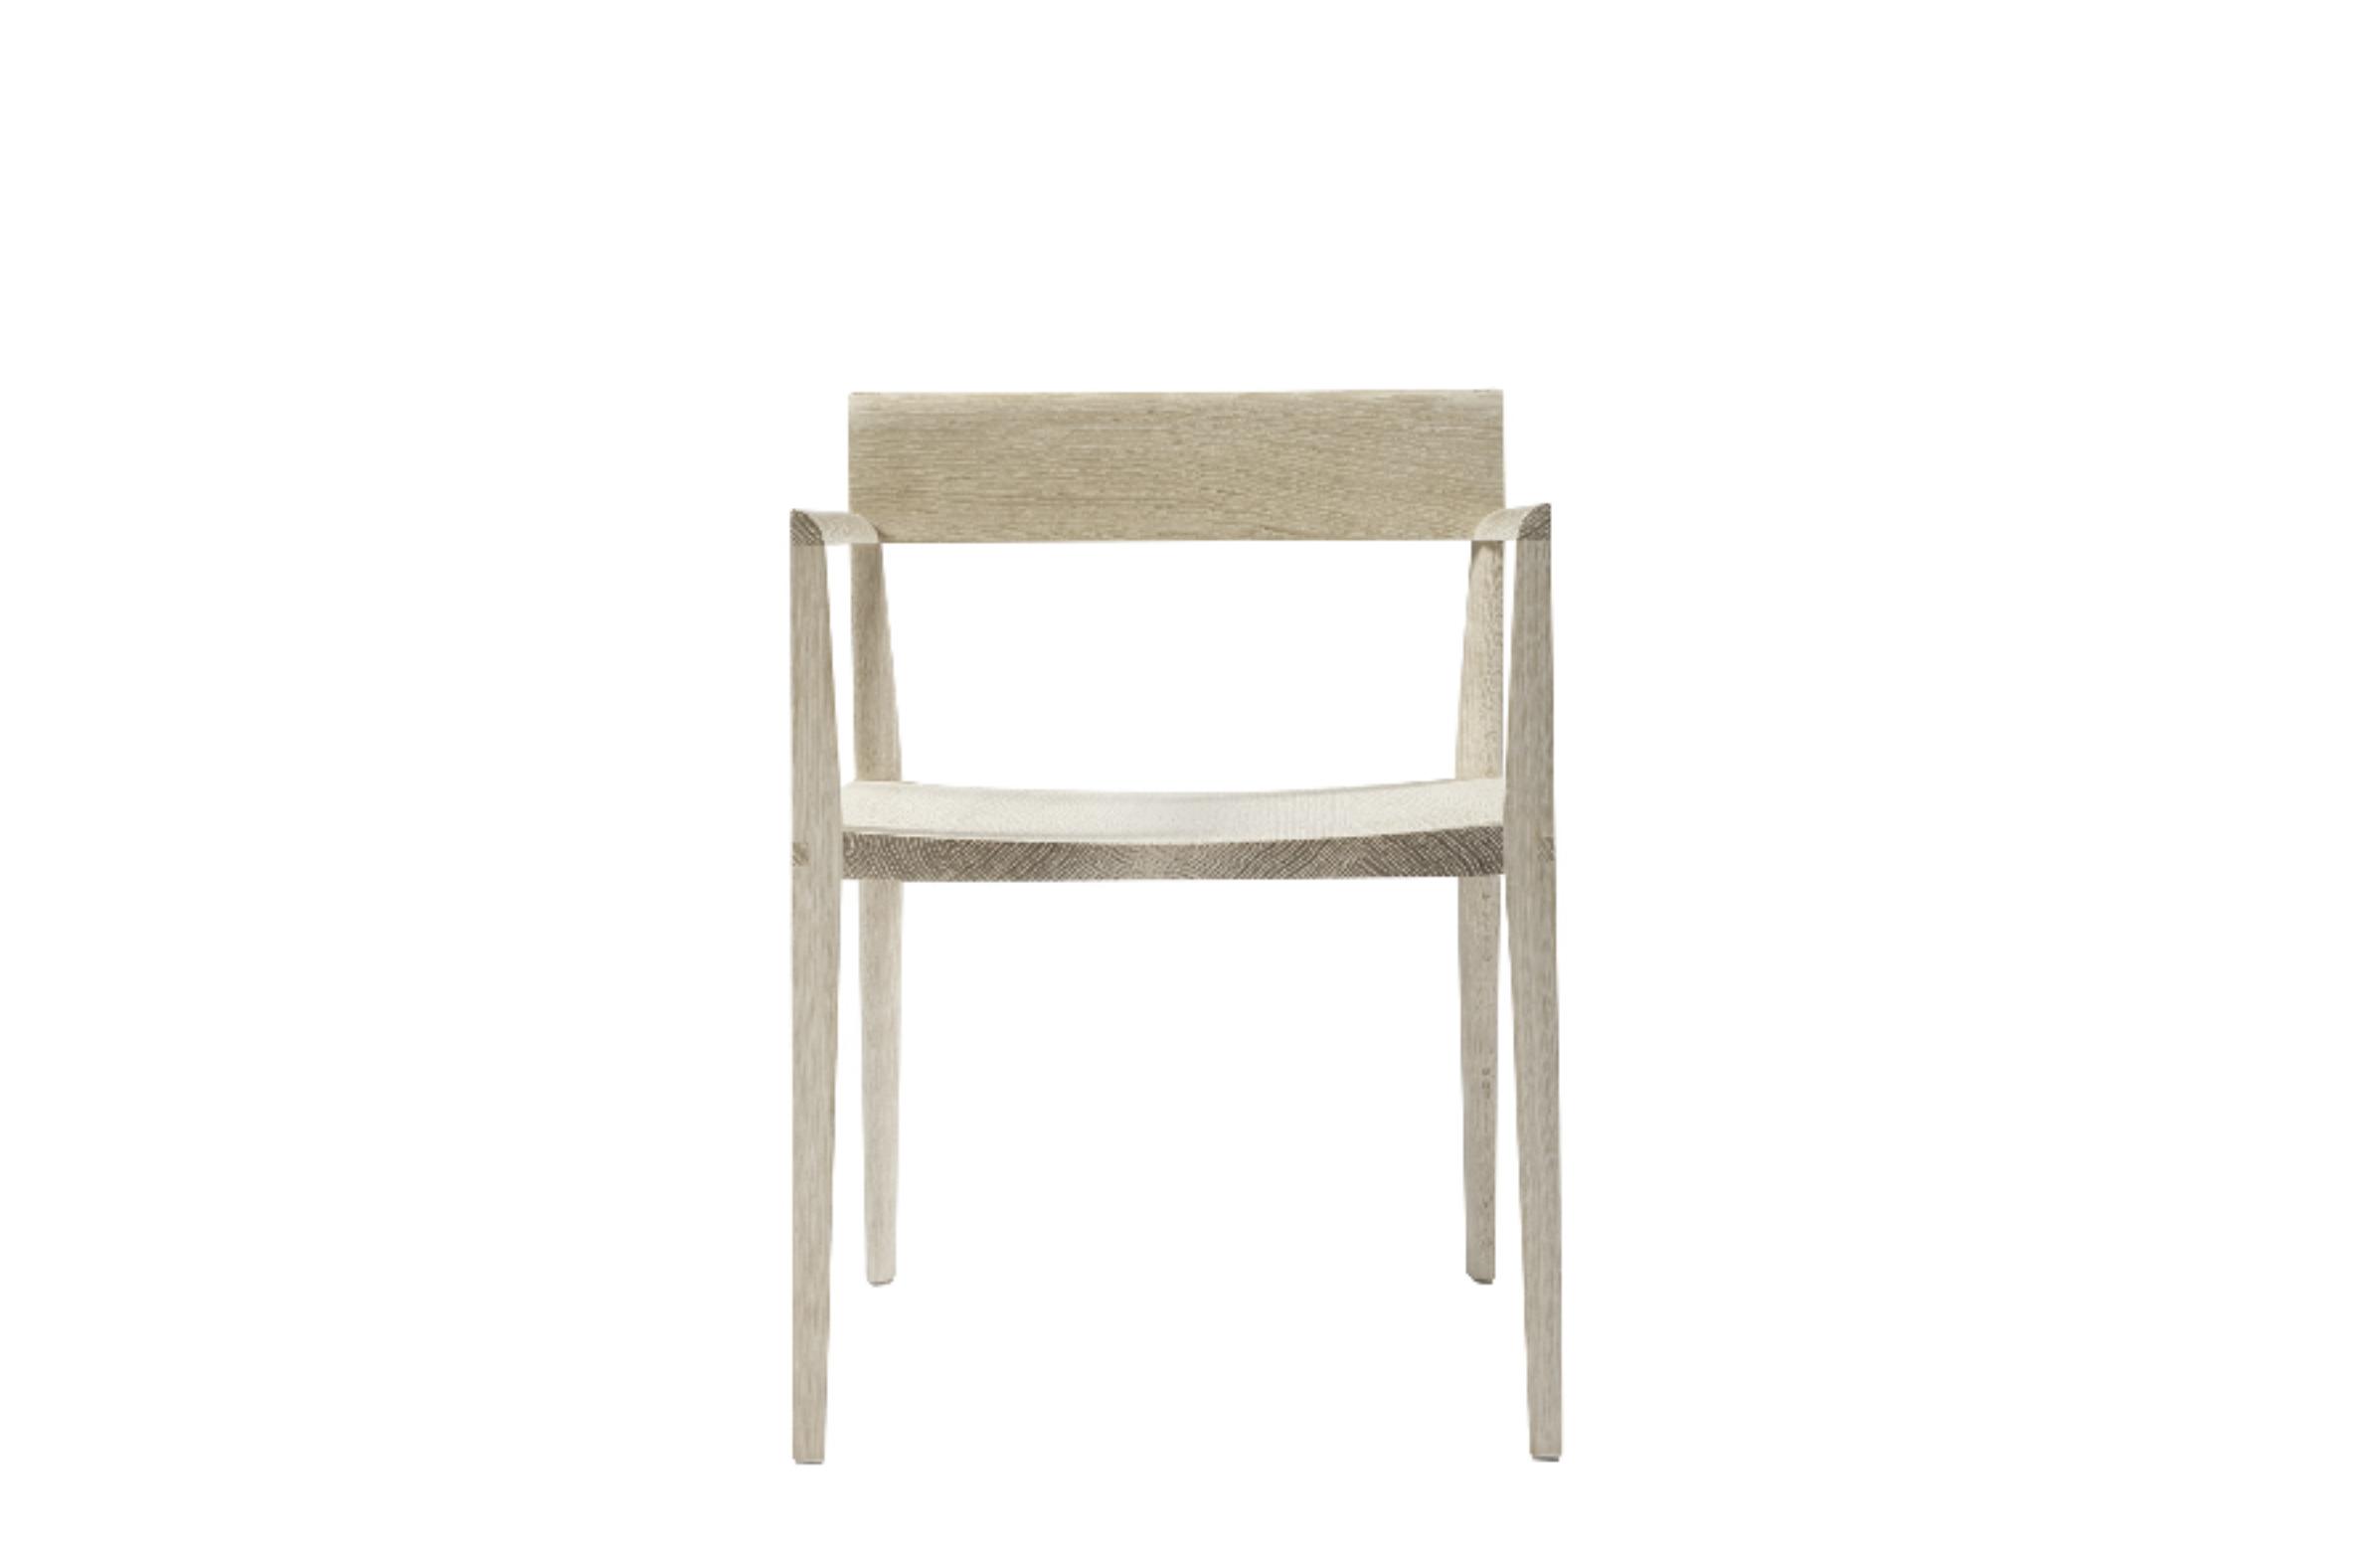 Quarter Round Arm Chair by artist Christopher Kurtz